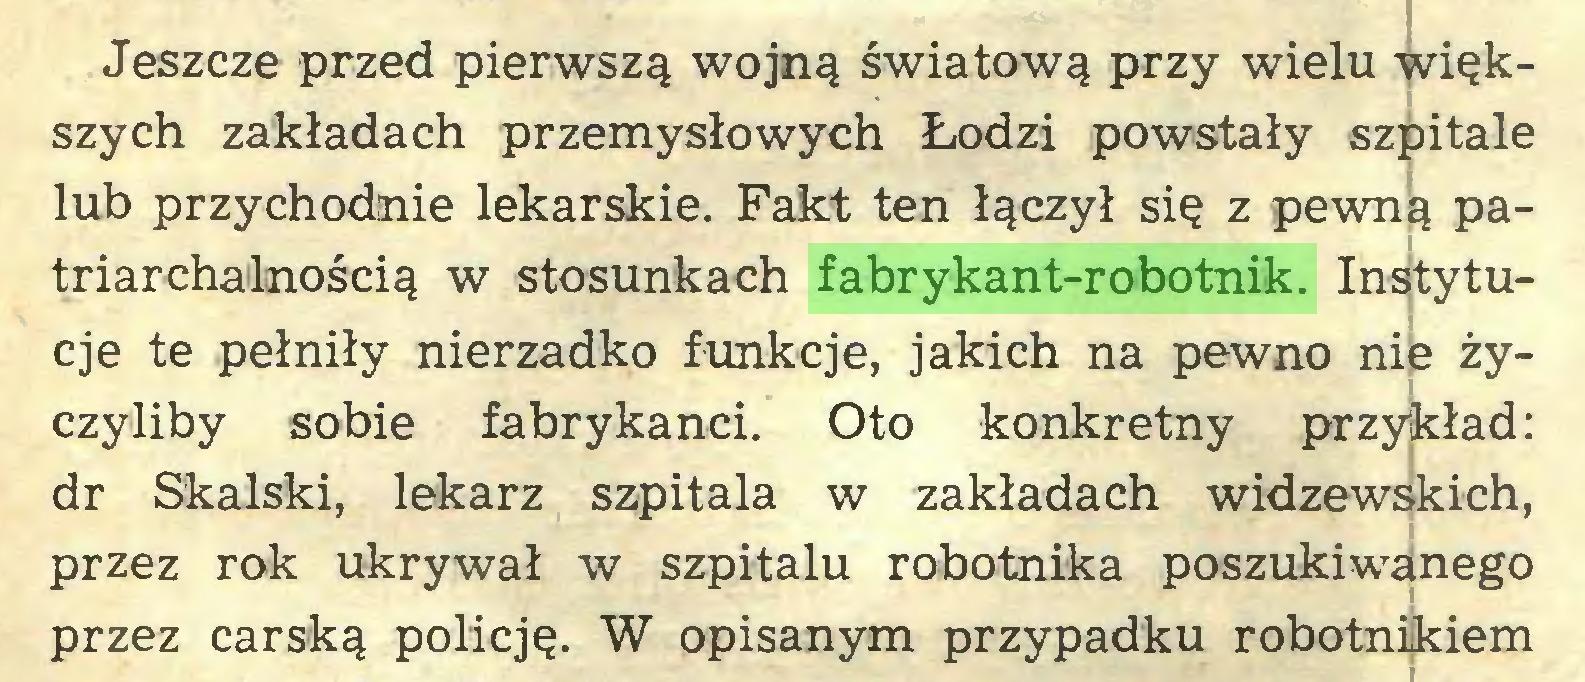 (...) Jeszcze przed pierwszą wojną światową przy wielu większych zakładach przemysłowych Łodzi powstały szpitale lub przychodnie lekarskie. Fakt ten łączył się z pewną patriarchainością w stosunkach fabrykant-robotnik. Instytucje te pełniły nierzadko funkcje, jakich na pewno nie życzyliby sobie fabrykanci. Oto konkretny przykład: dr Skalski, lekarz szpitala w zakładach widzewskich, przez rok ukrywał w szpitalu robotnika poszukiwanego przez carską policję. W opisanym przypadku robotnikiem...